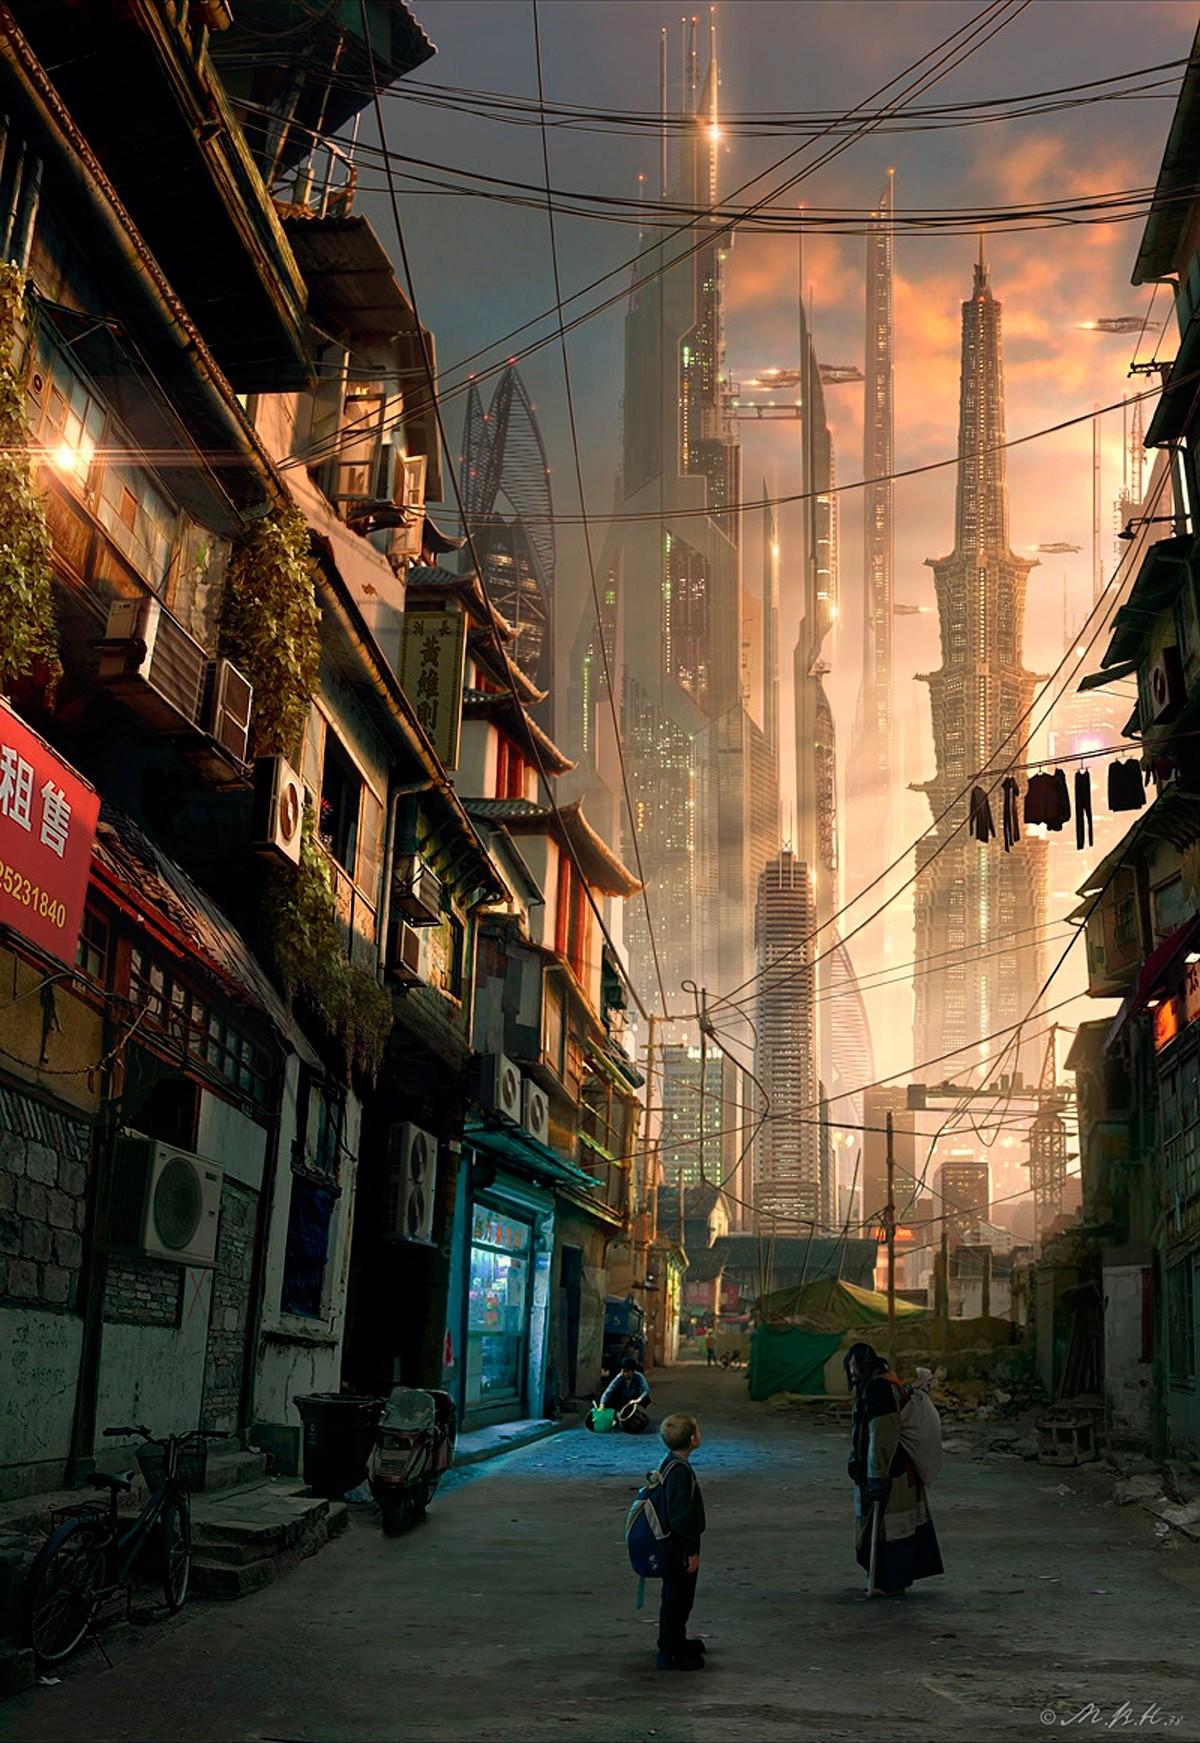 デスクトップ壁紙 超高層ビル 中国 アジア 未来都市 アートワーク 通り 路地 サイバーパンク 10x1743 Xidas デスクトップ壁紙 Wallhere